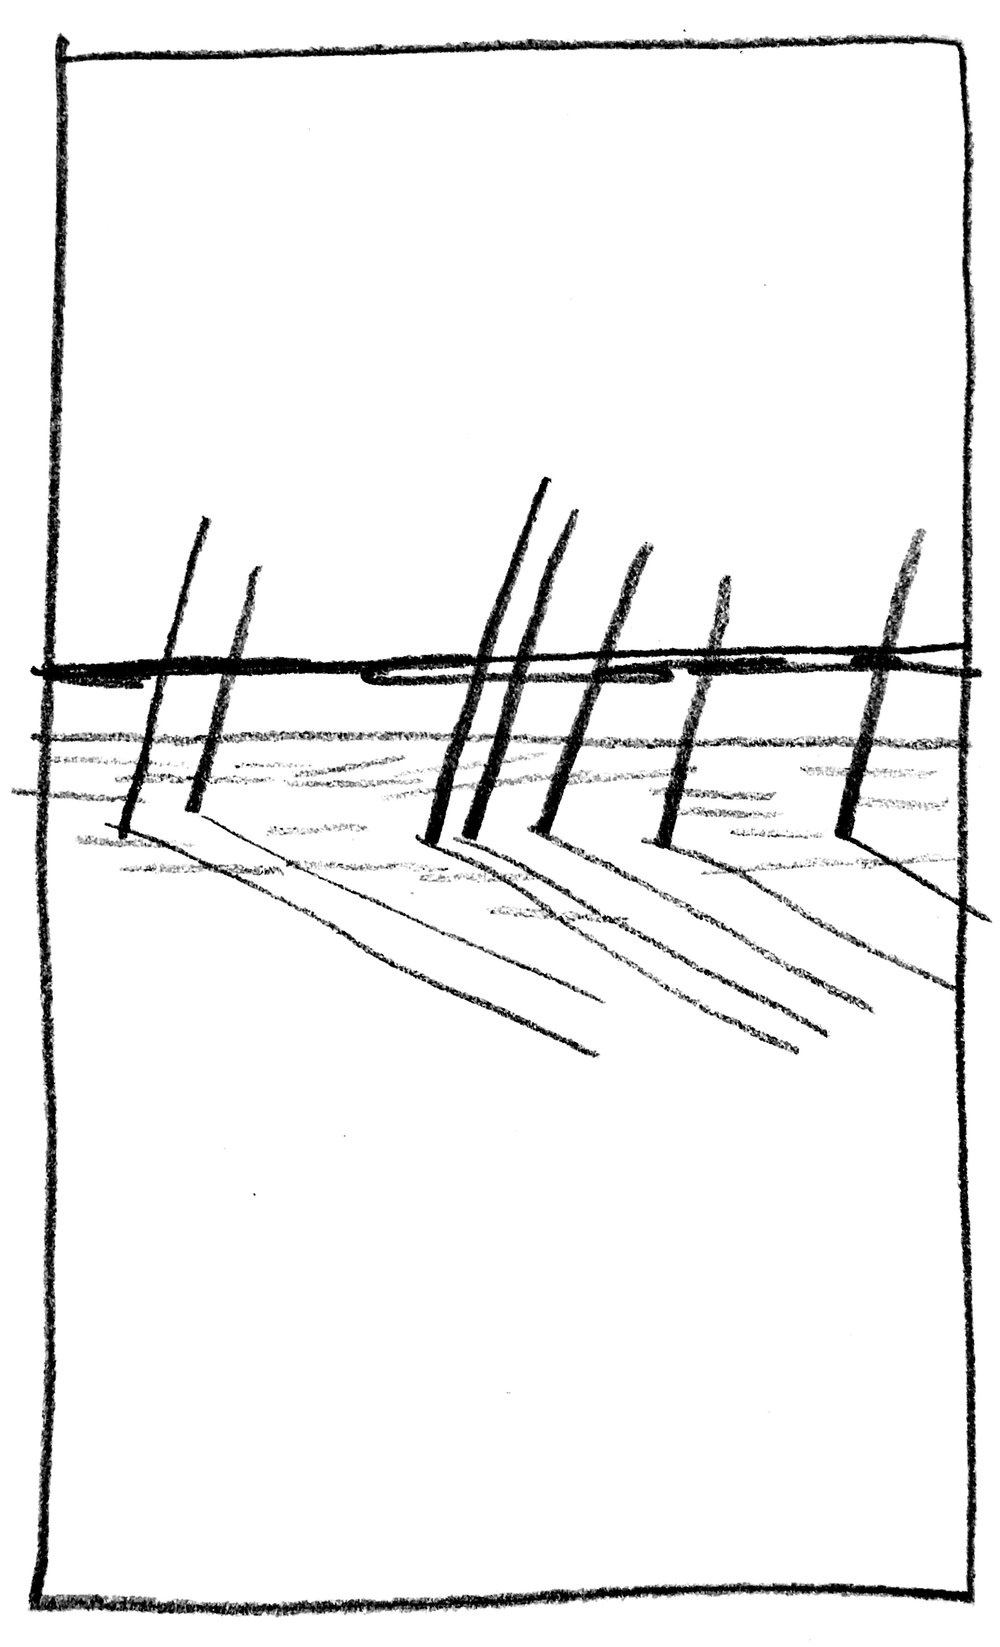 V2 Burgo sketches page 5.jpg